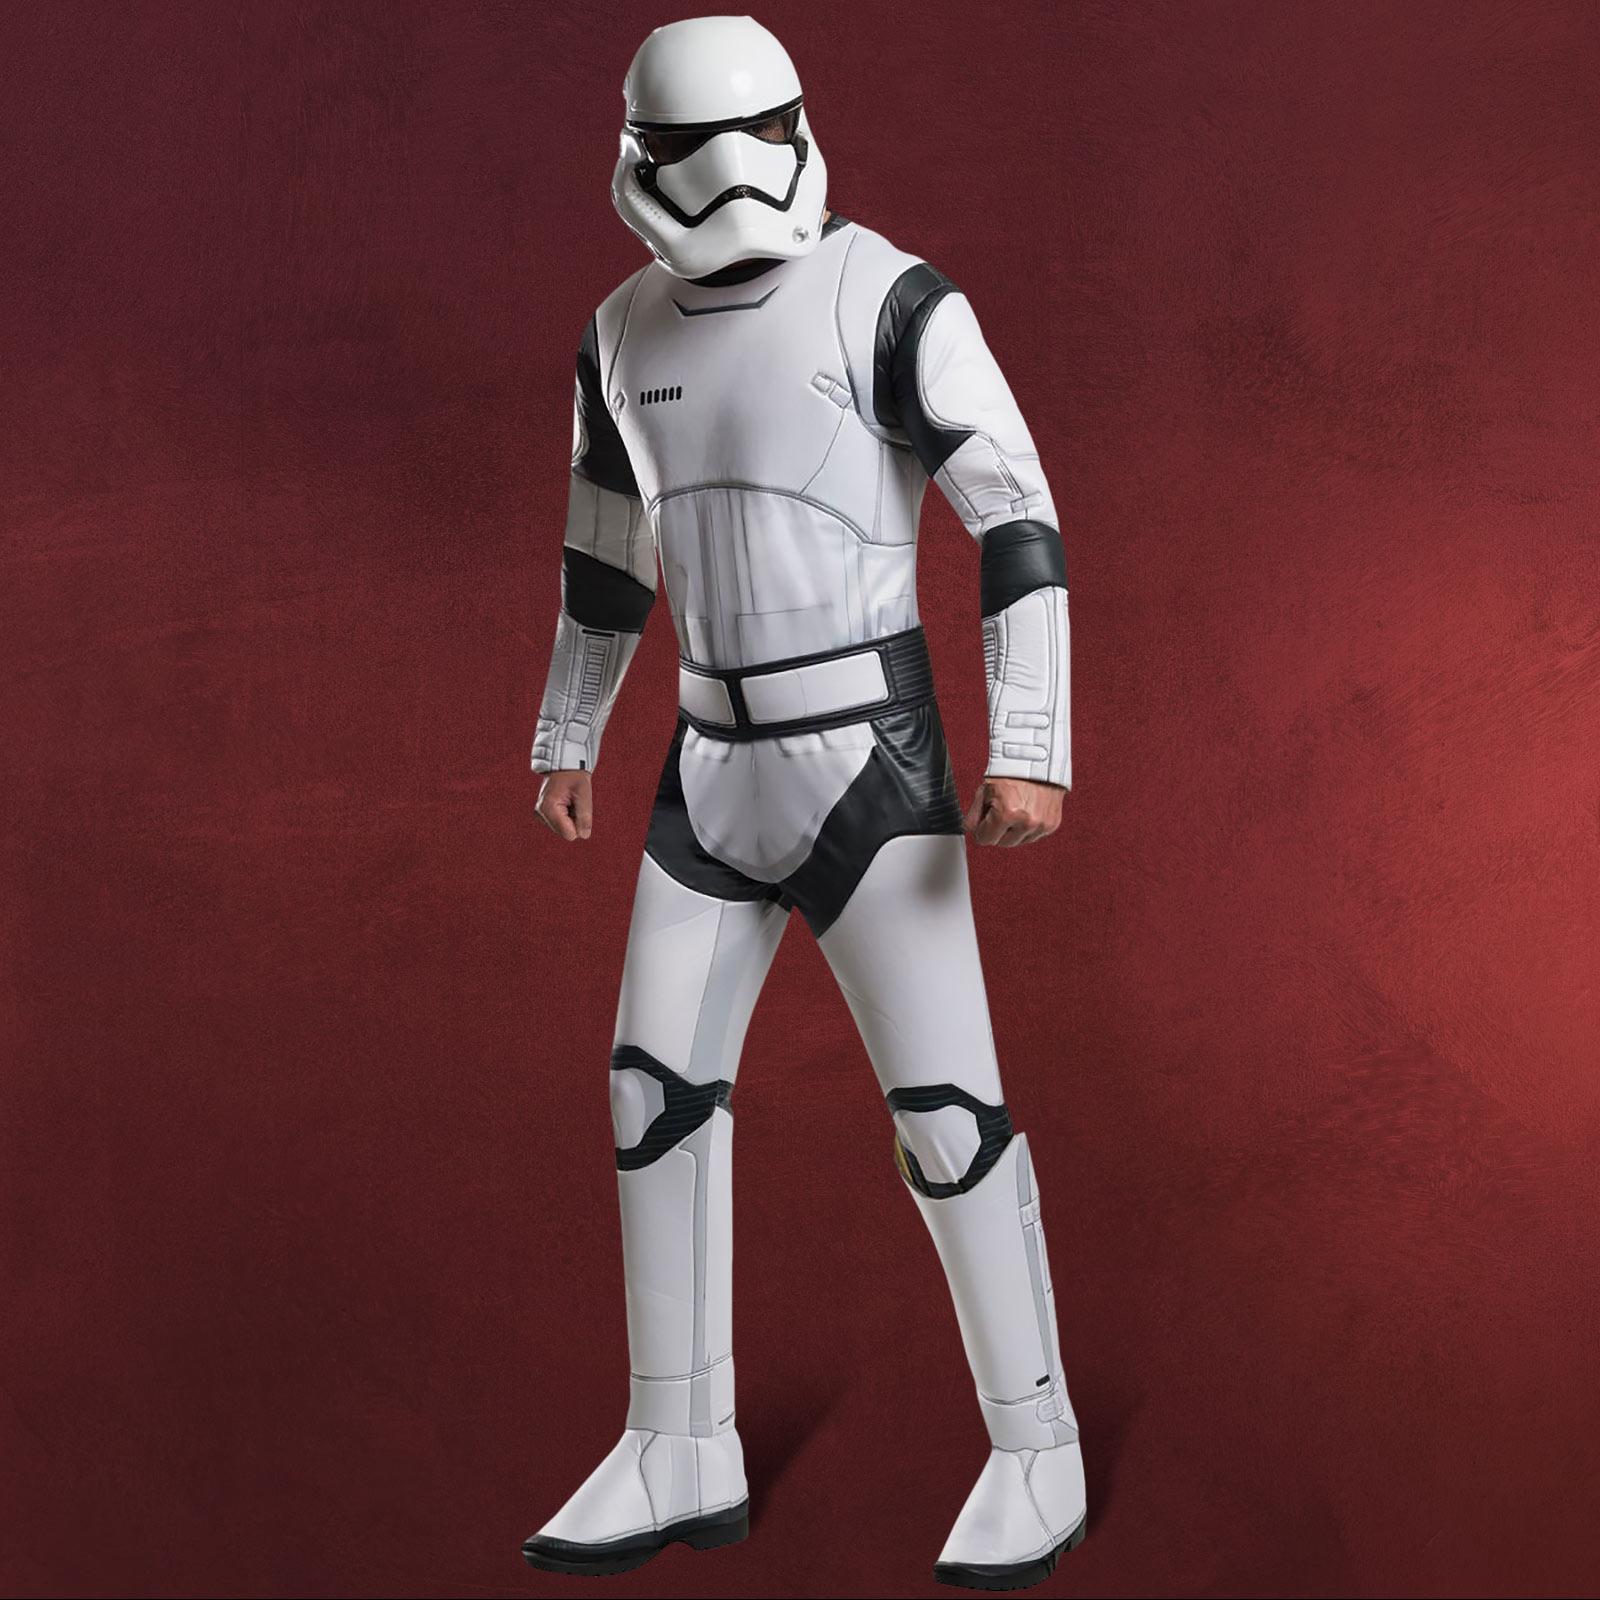 Star Wars Kostüm Herren : star wars stormtrooper kost m herren deluxe elbenwald ~ Frokenaadalensverden.com Haus und Dekorationen